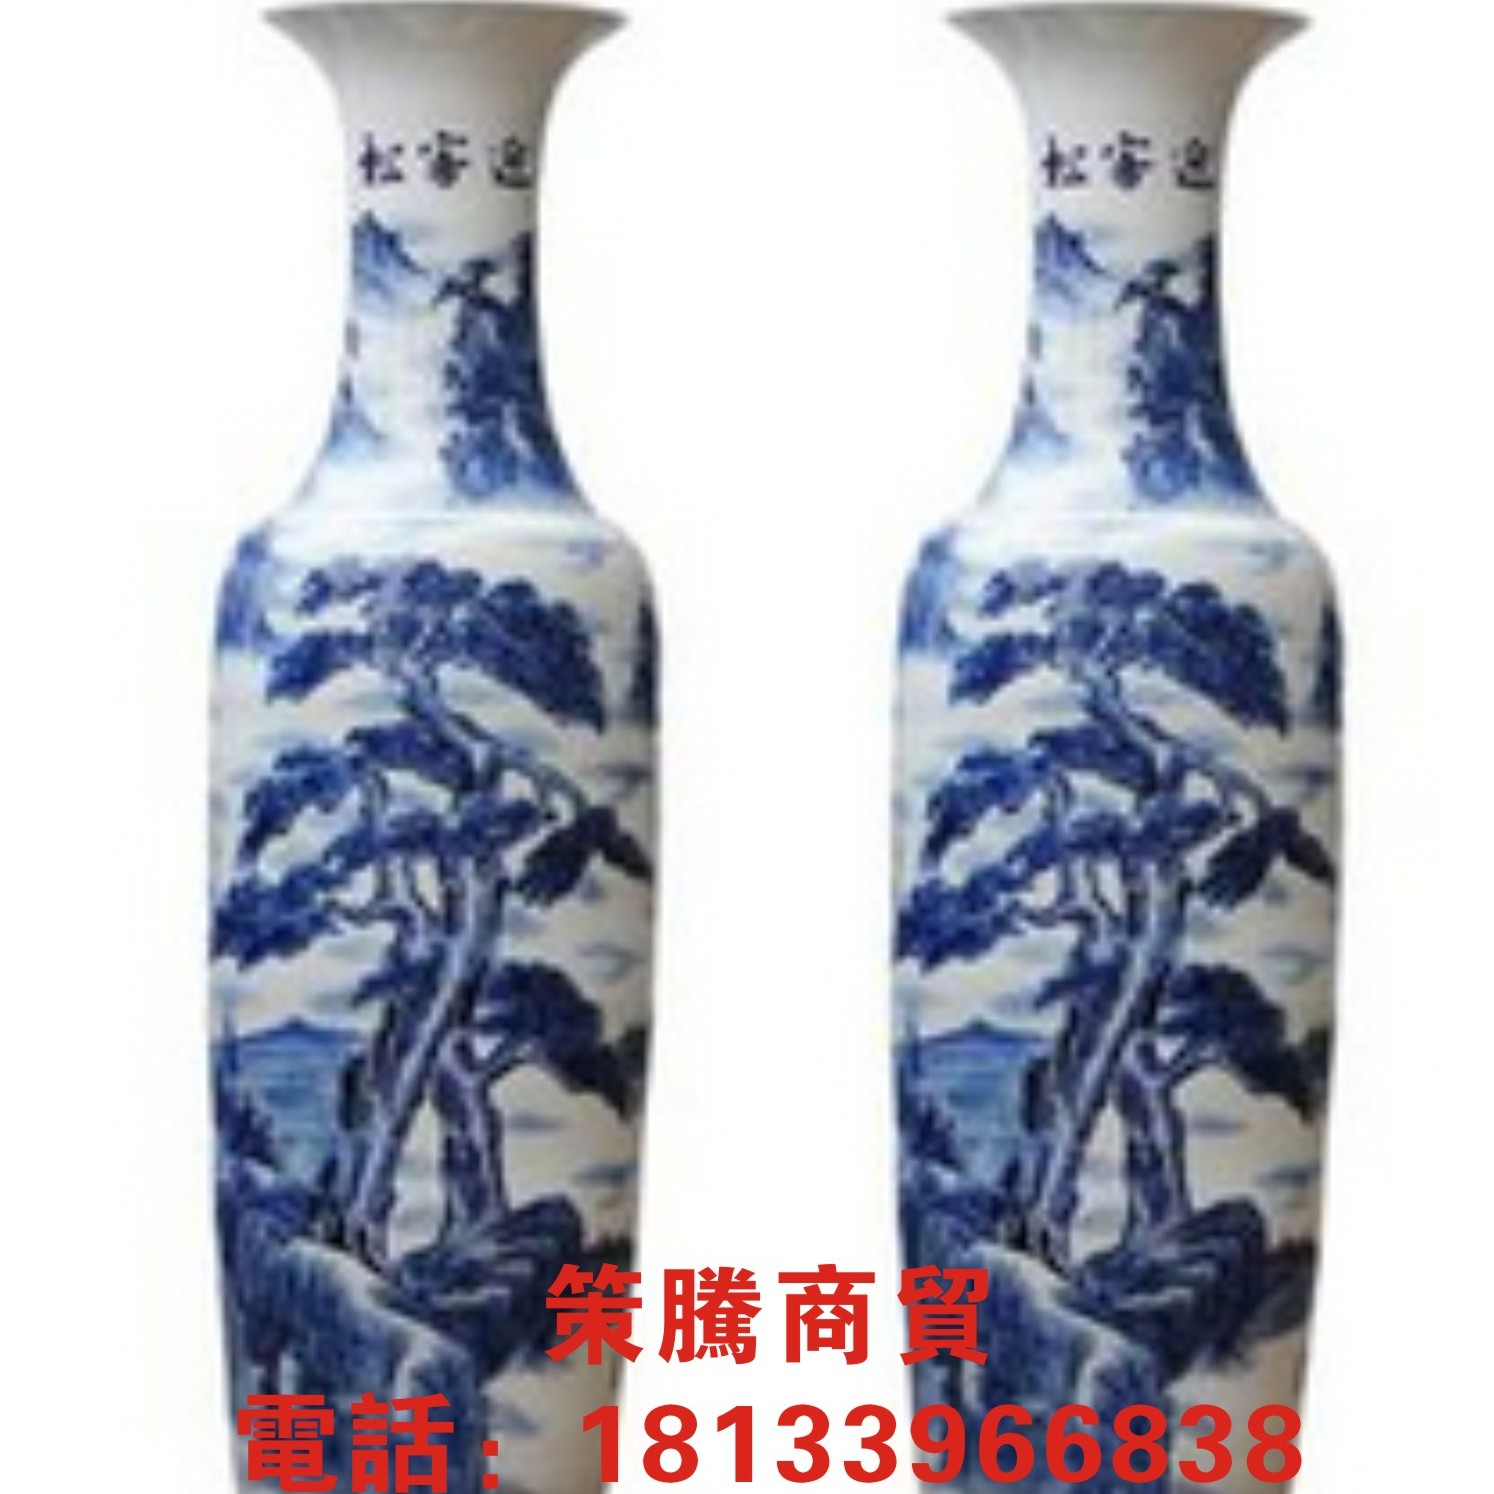 西安策腾开业花瓶销售 精美工艺品 大气优雅开业花瓶